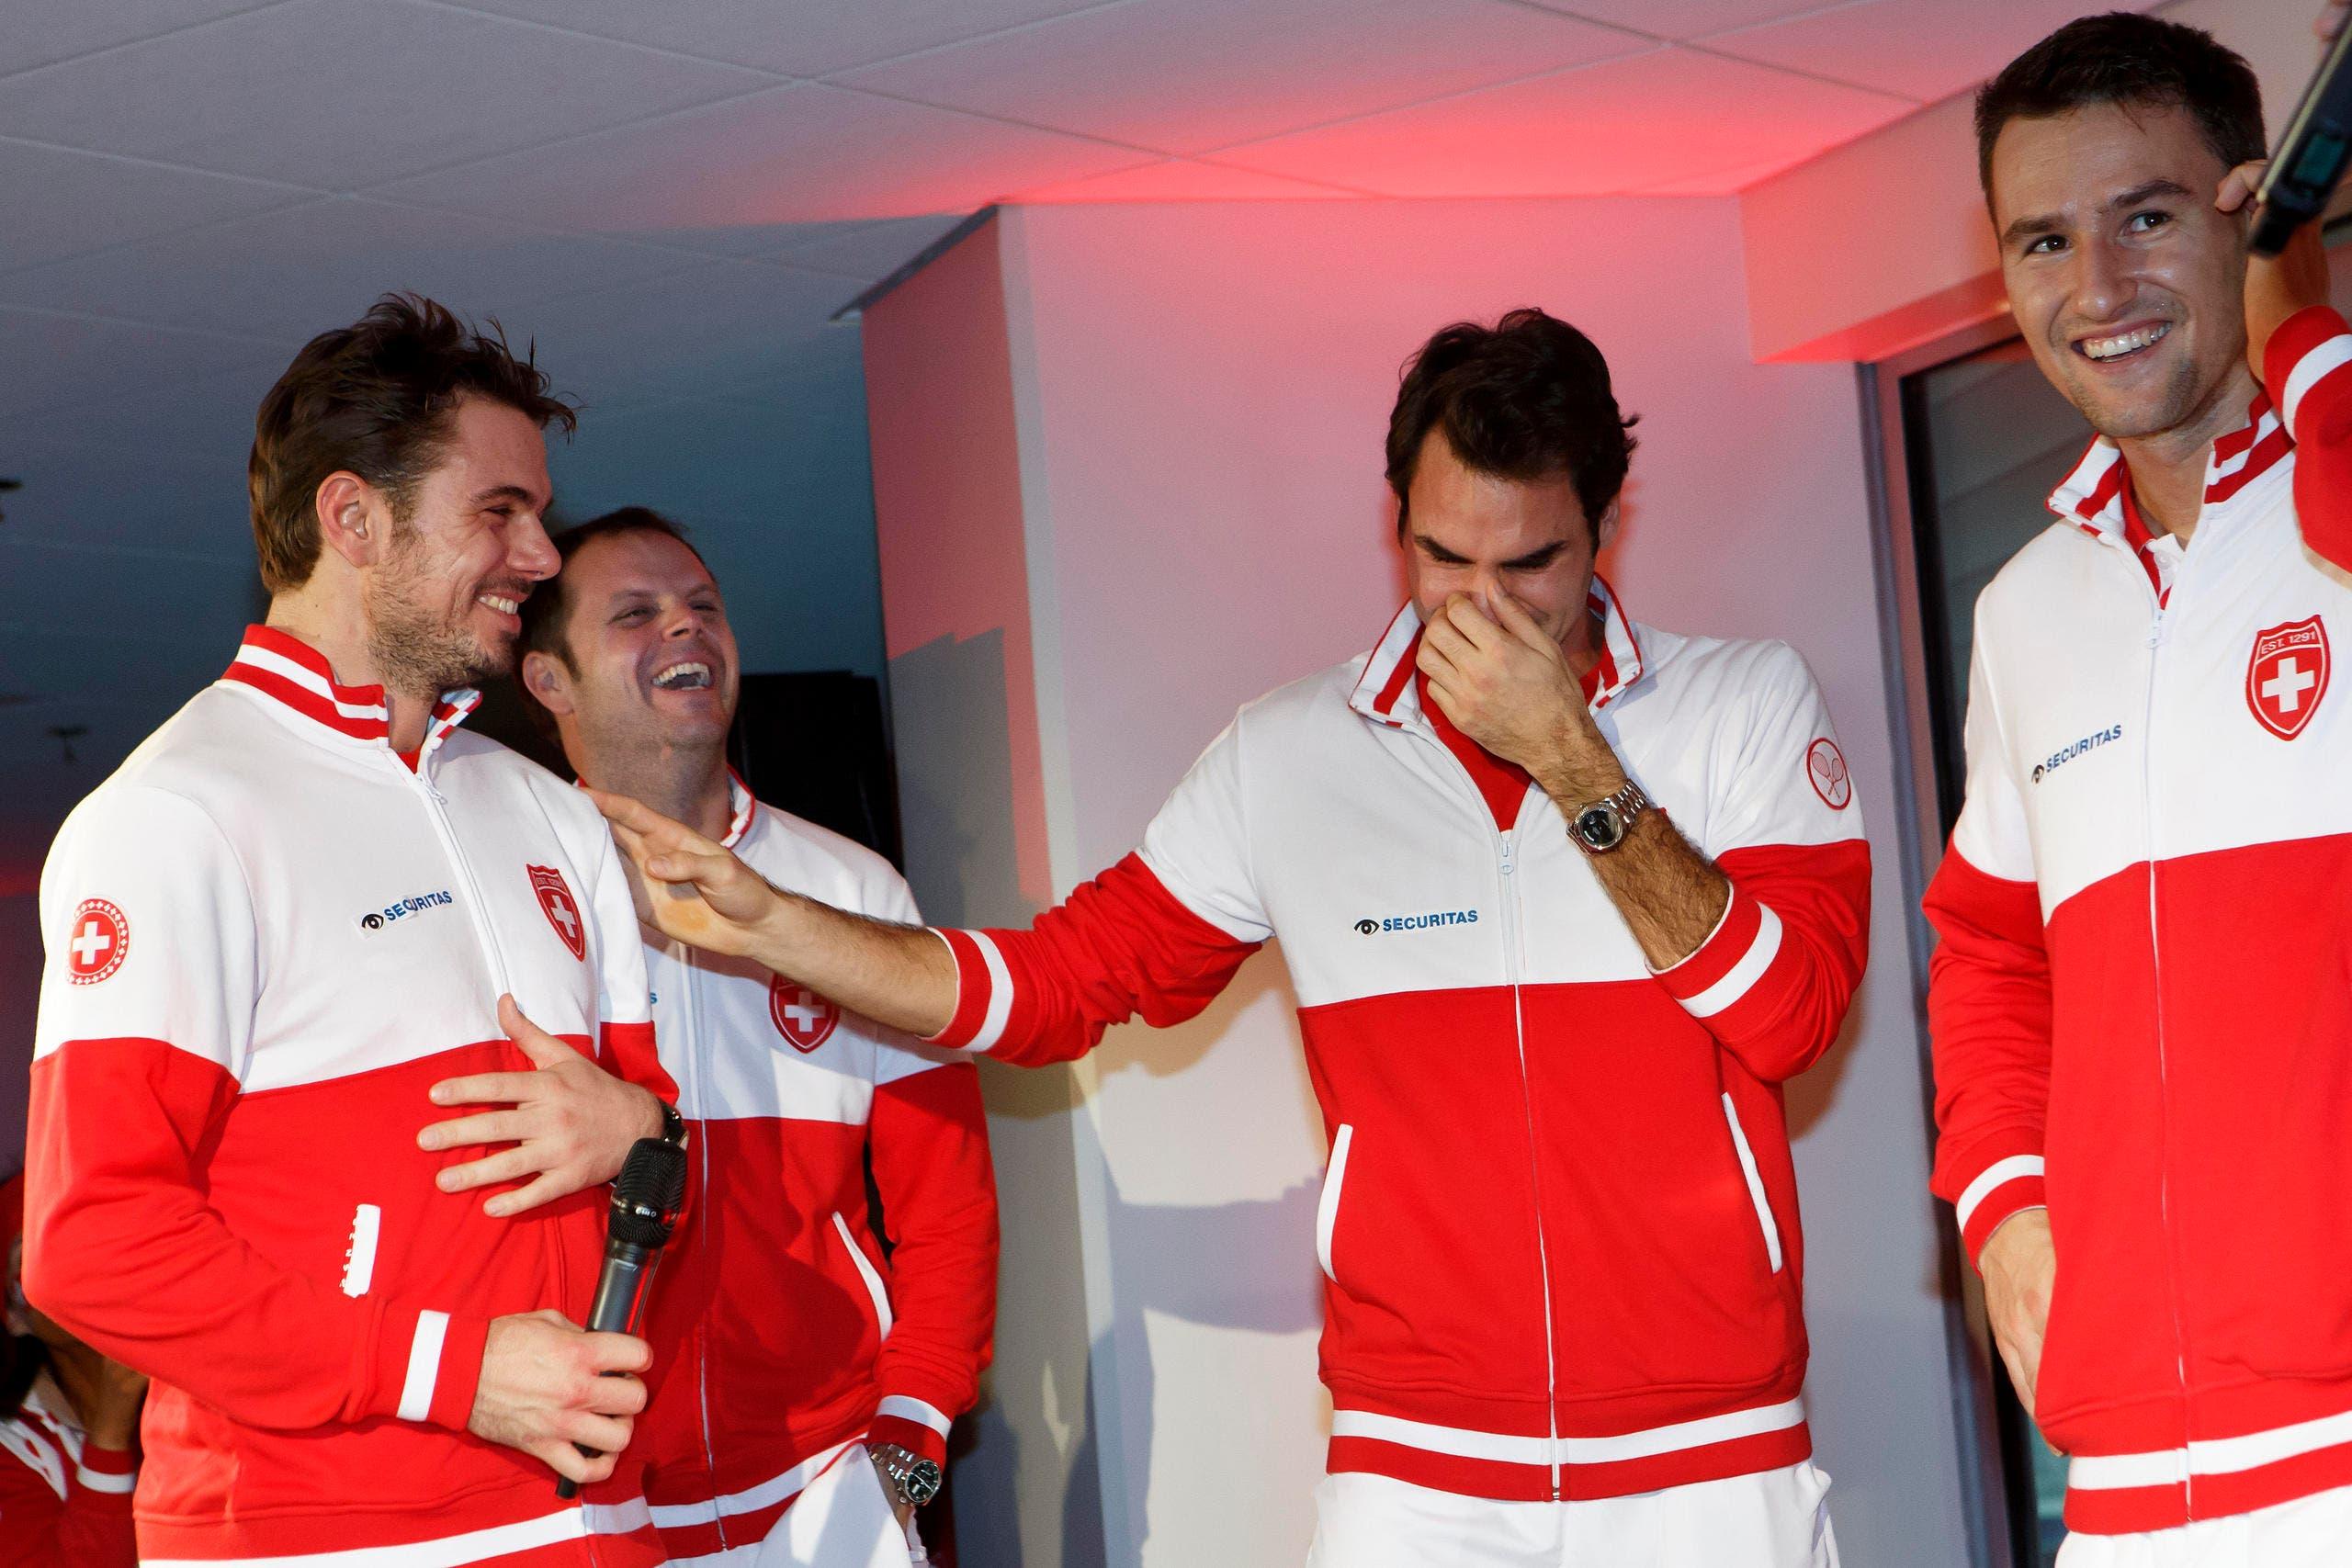 Es gibt viel zu lachen: Stan Wawrinka (links) mit Roger Federer, beobachtet von Marco Chiudinelli (rechts) und Severin Lüthi. (Bild: Keystone)